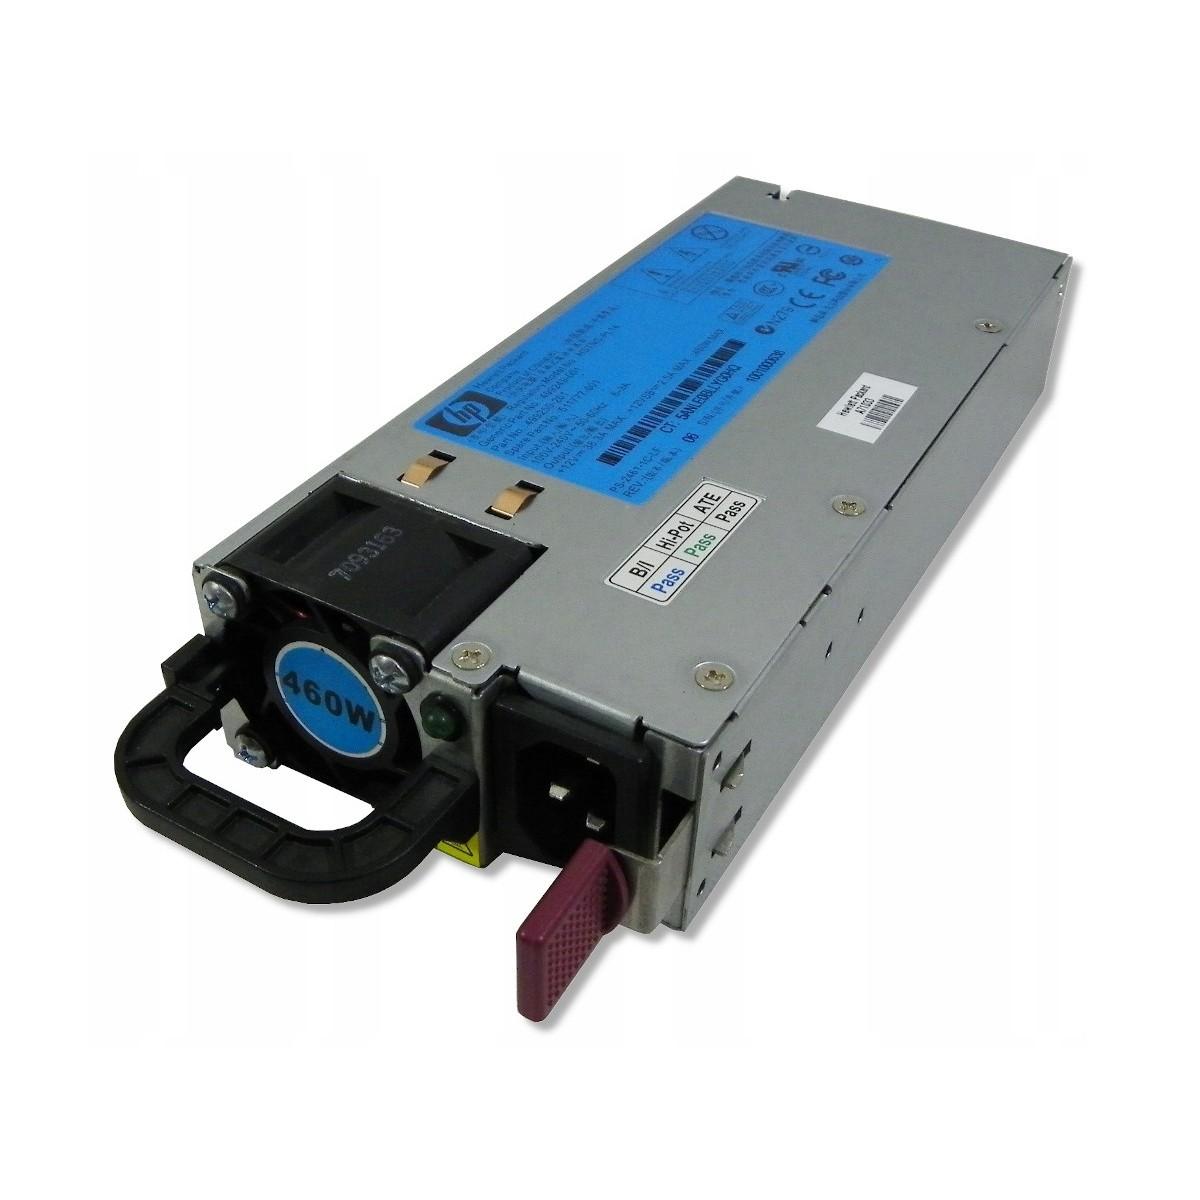 Radiator Heatsink do IBM x3650 M4 94Y6618 69Y5270